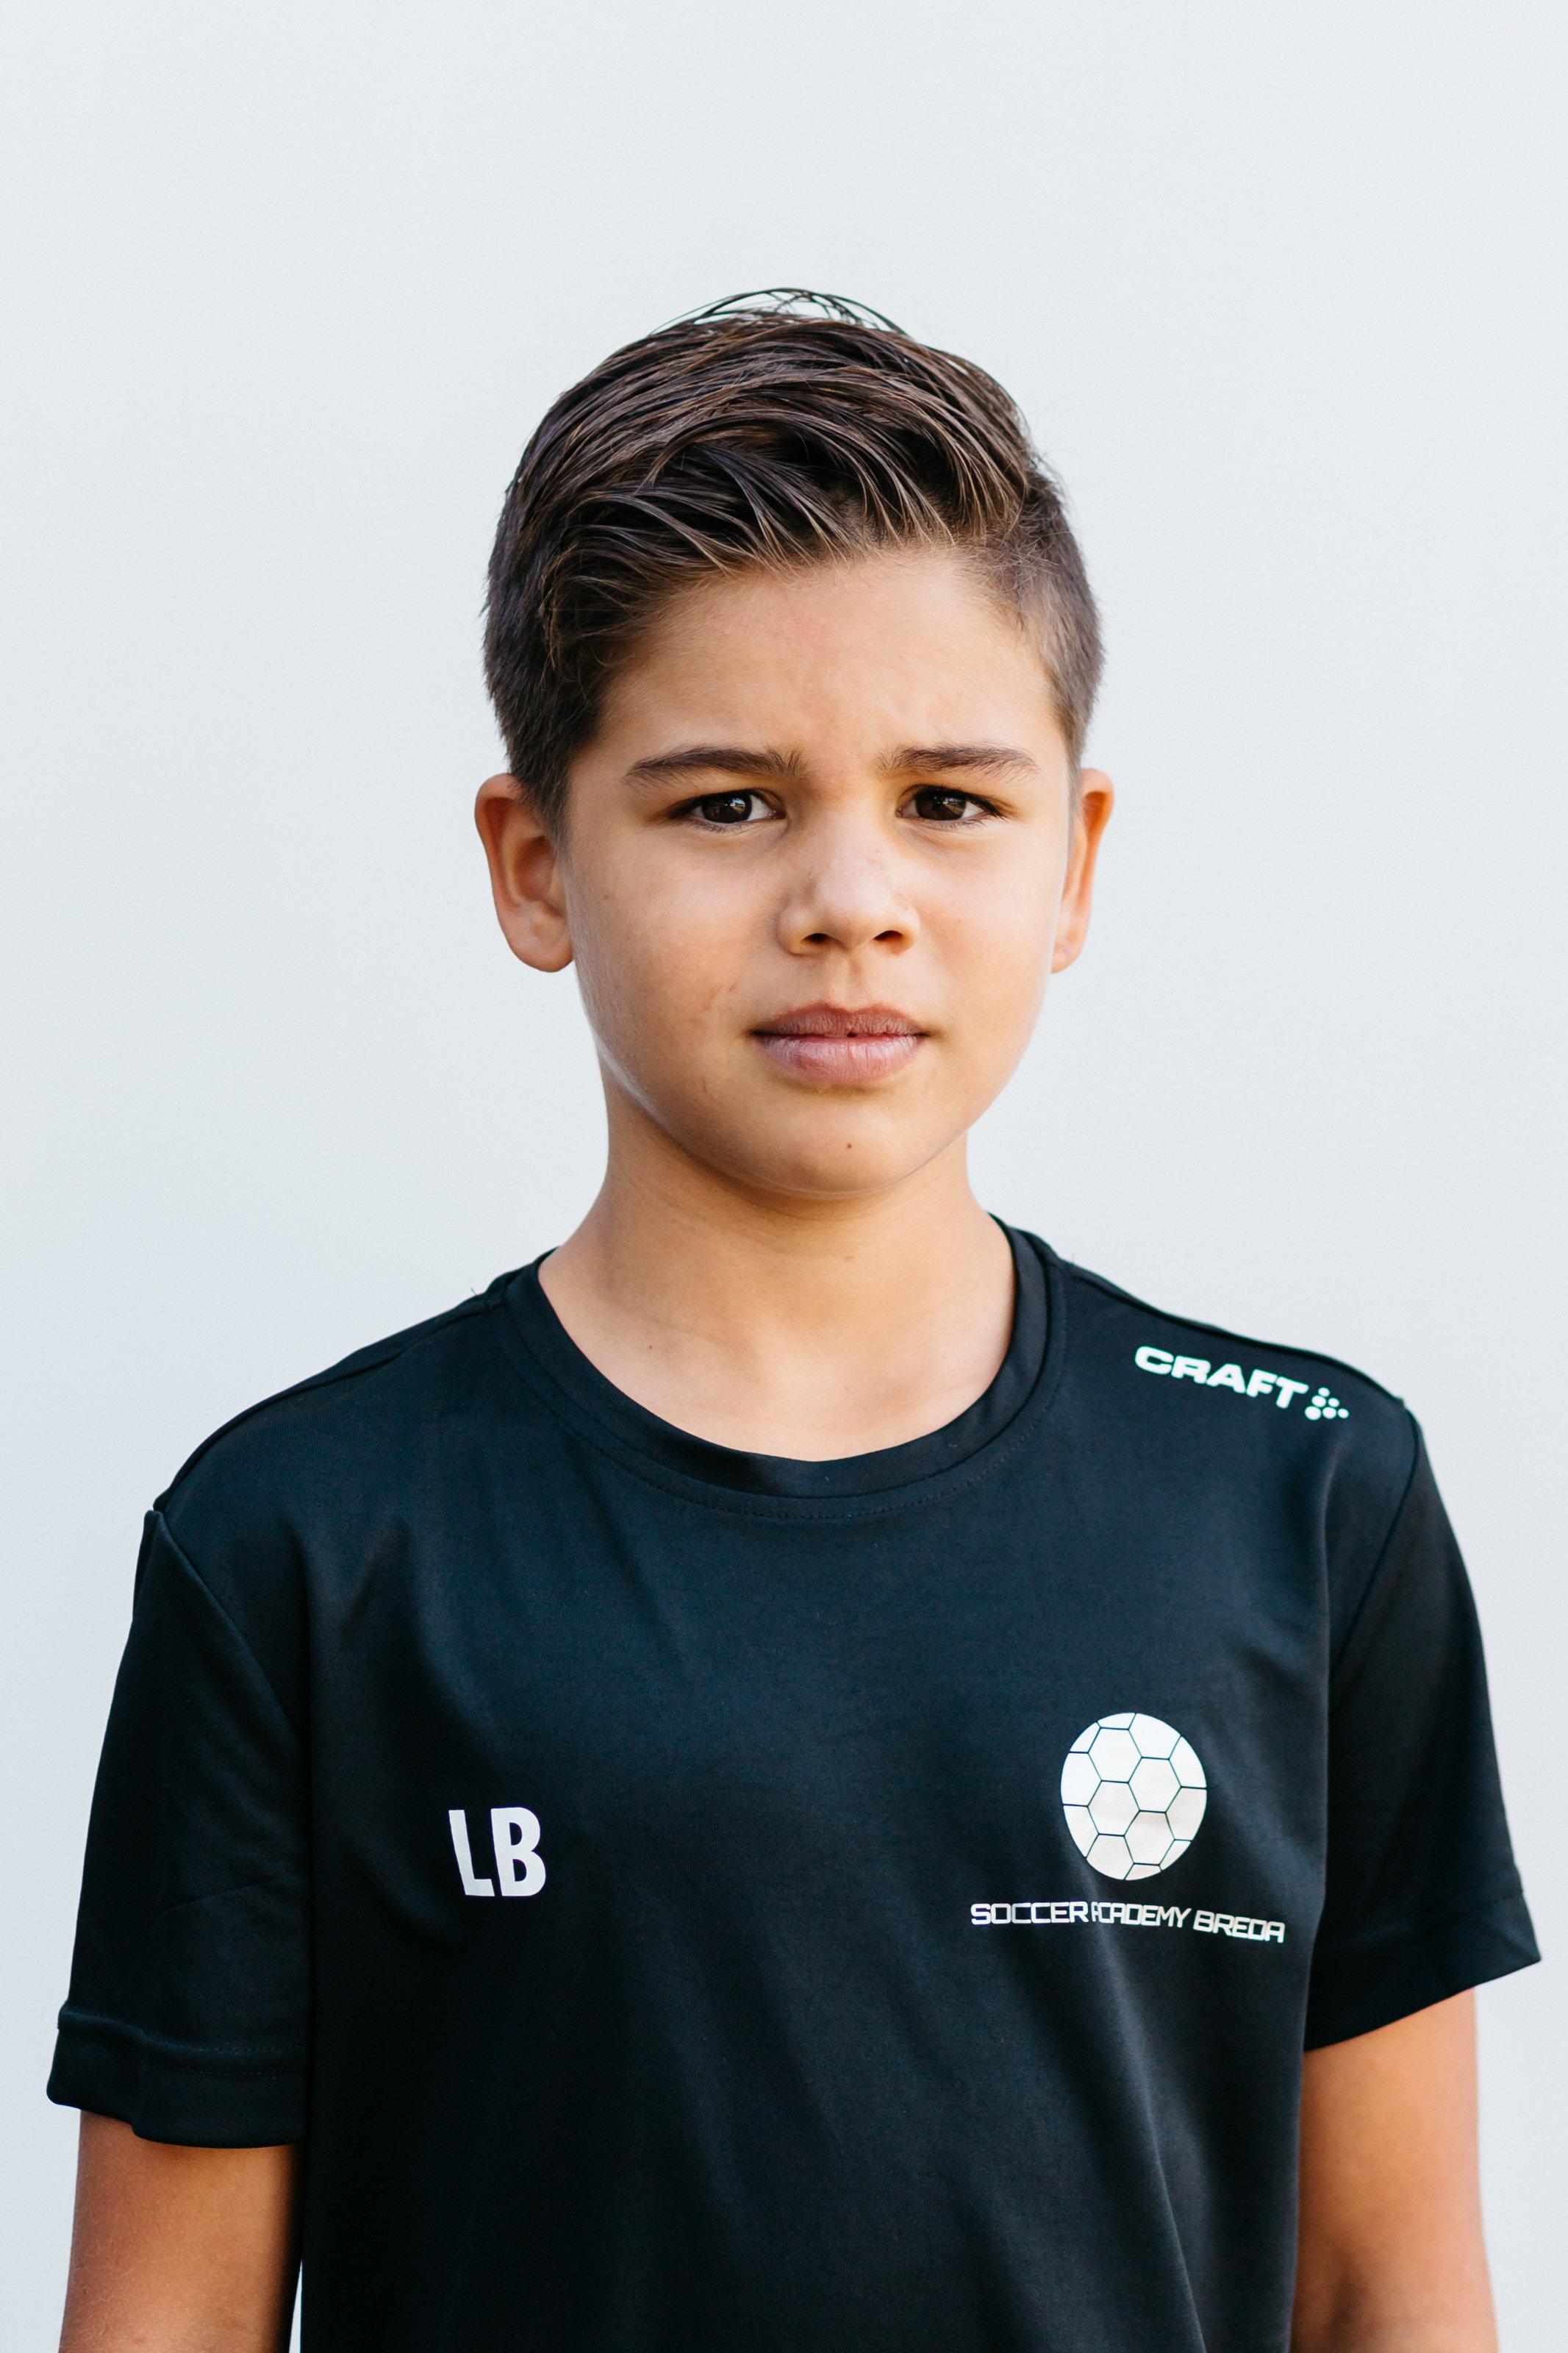 https://socceracademybreda.nl/wp-content/uploads/2020/10/less-benkino.jpg